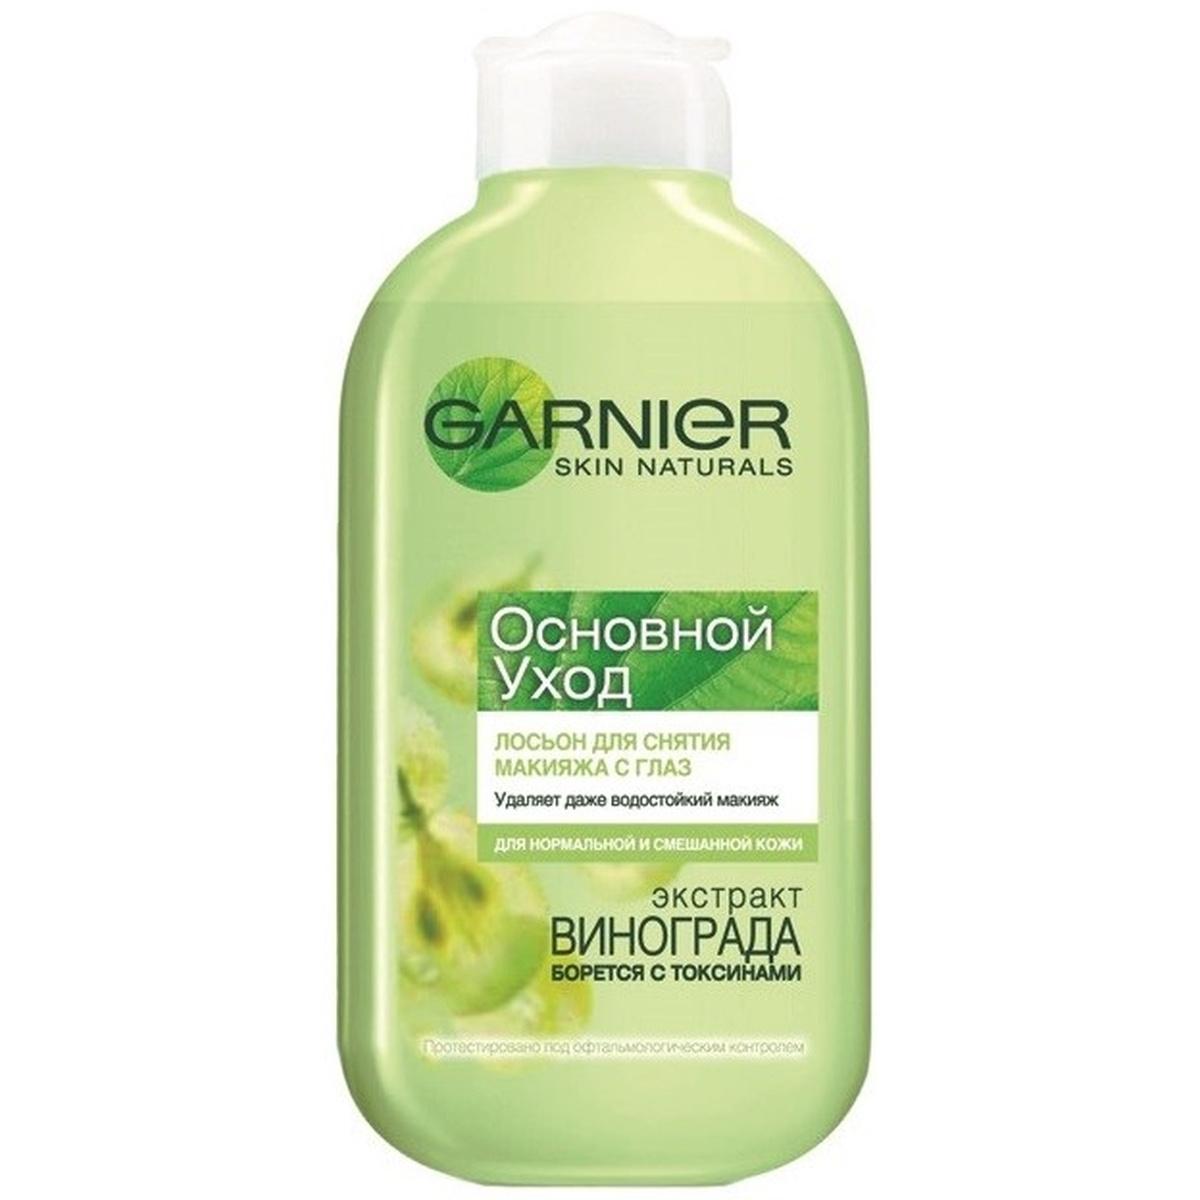 Garnier Очищающий лосьон Основной уход для снятия макияжа с глаз, для нормальной и смешанной кожи, 125 #1